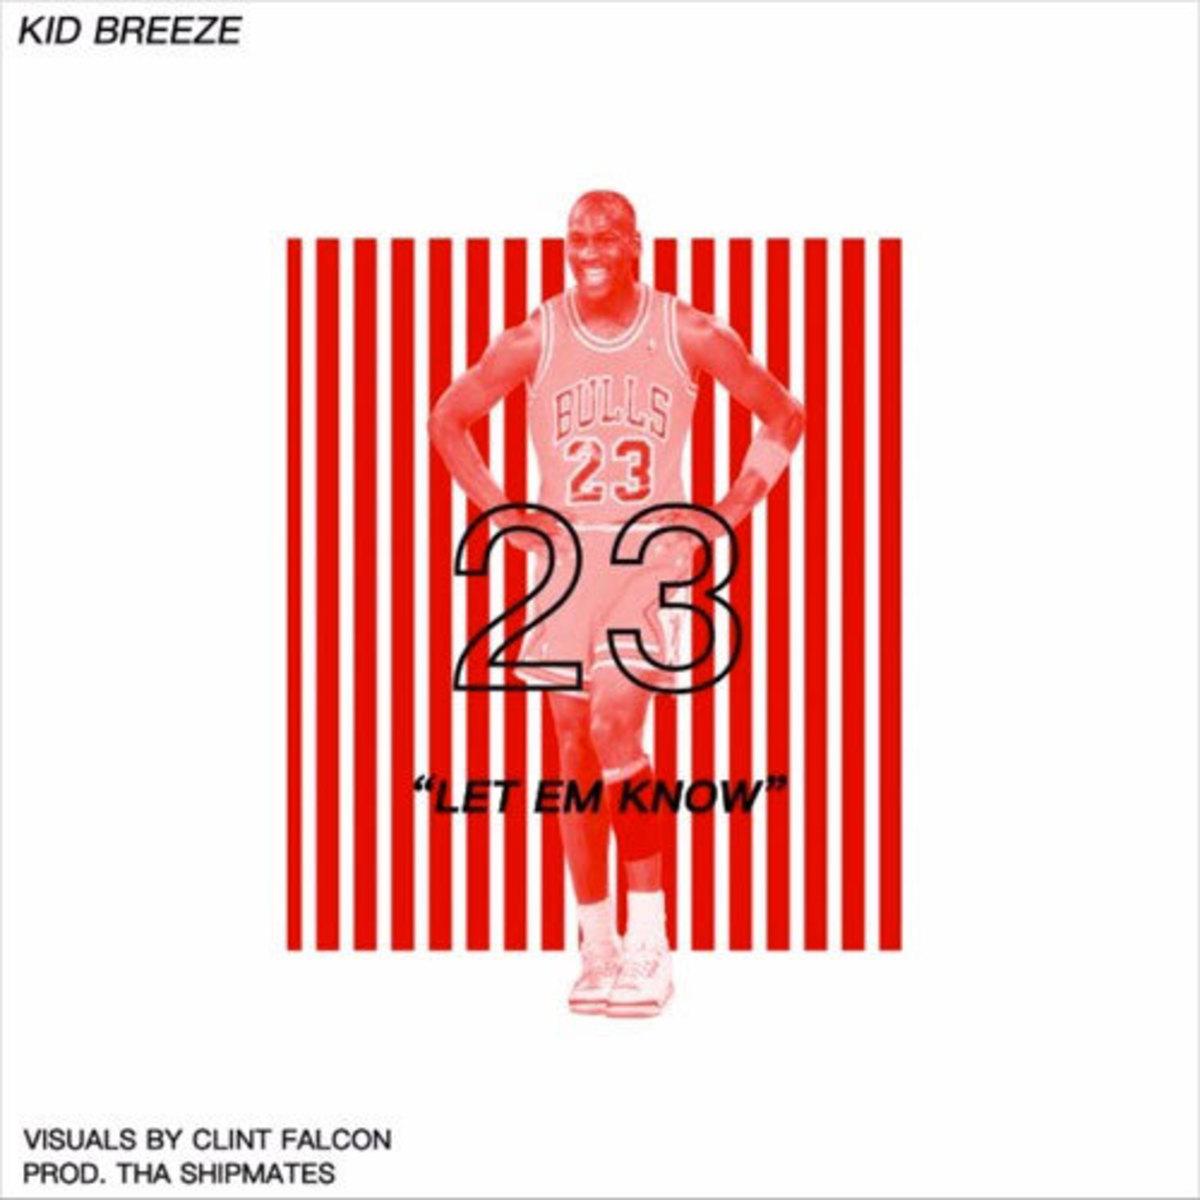 kid-breeze-let-em-know.jpg